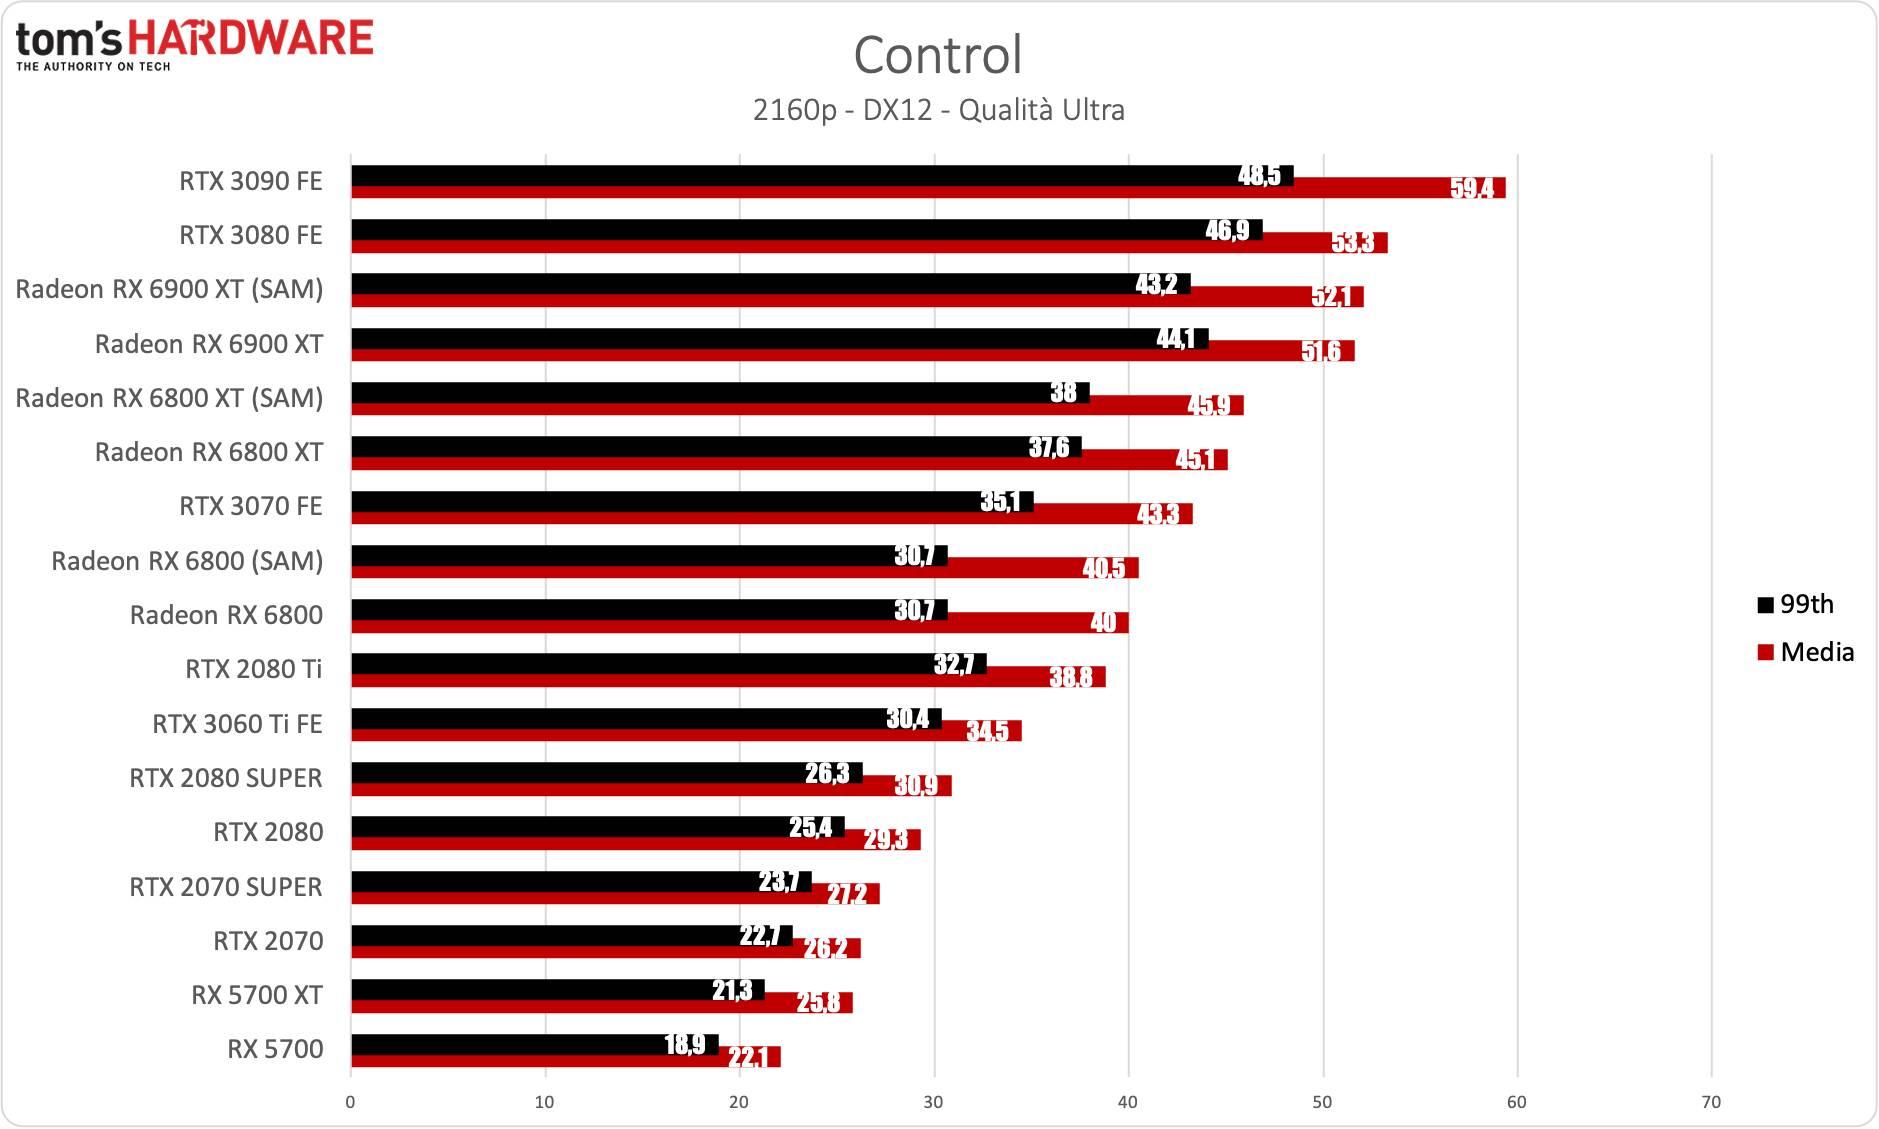 Benchmark Radeon RX 6900 XT - 4K - Control